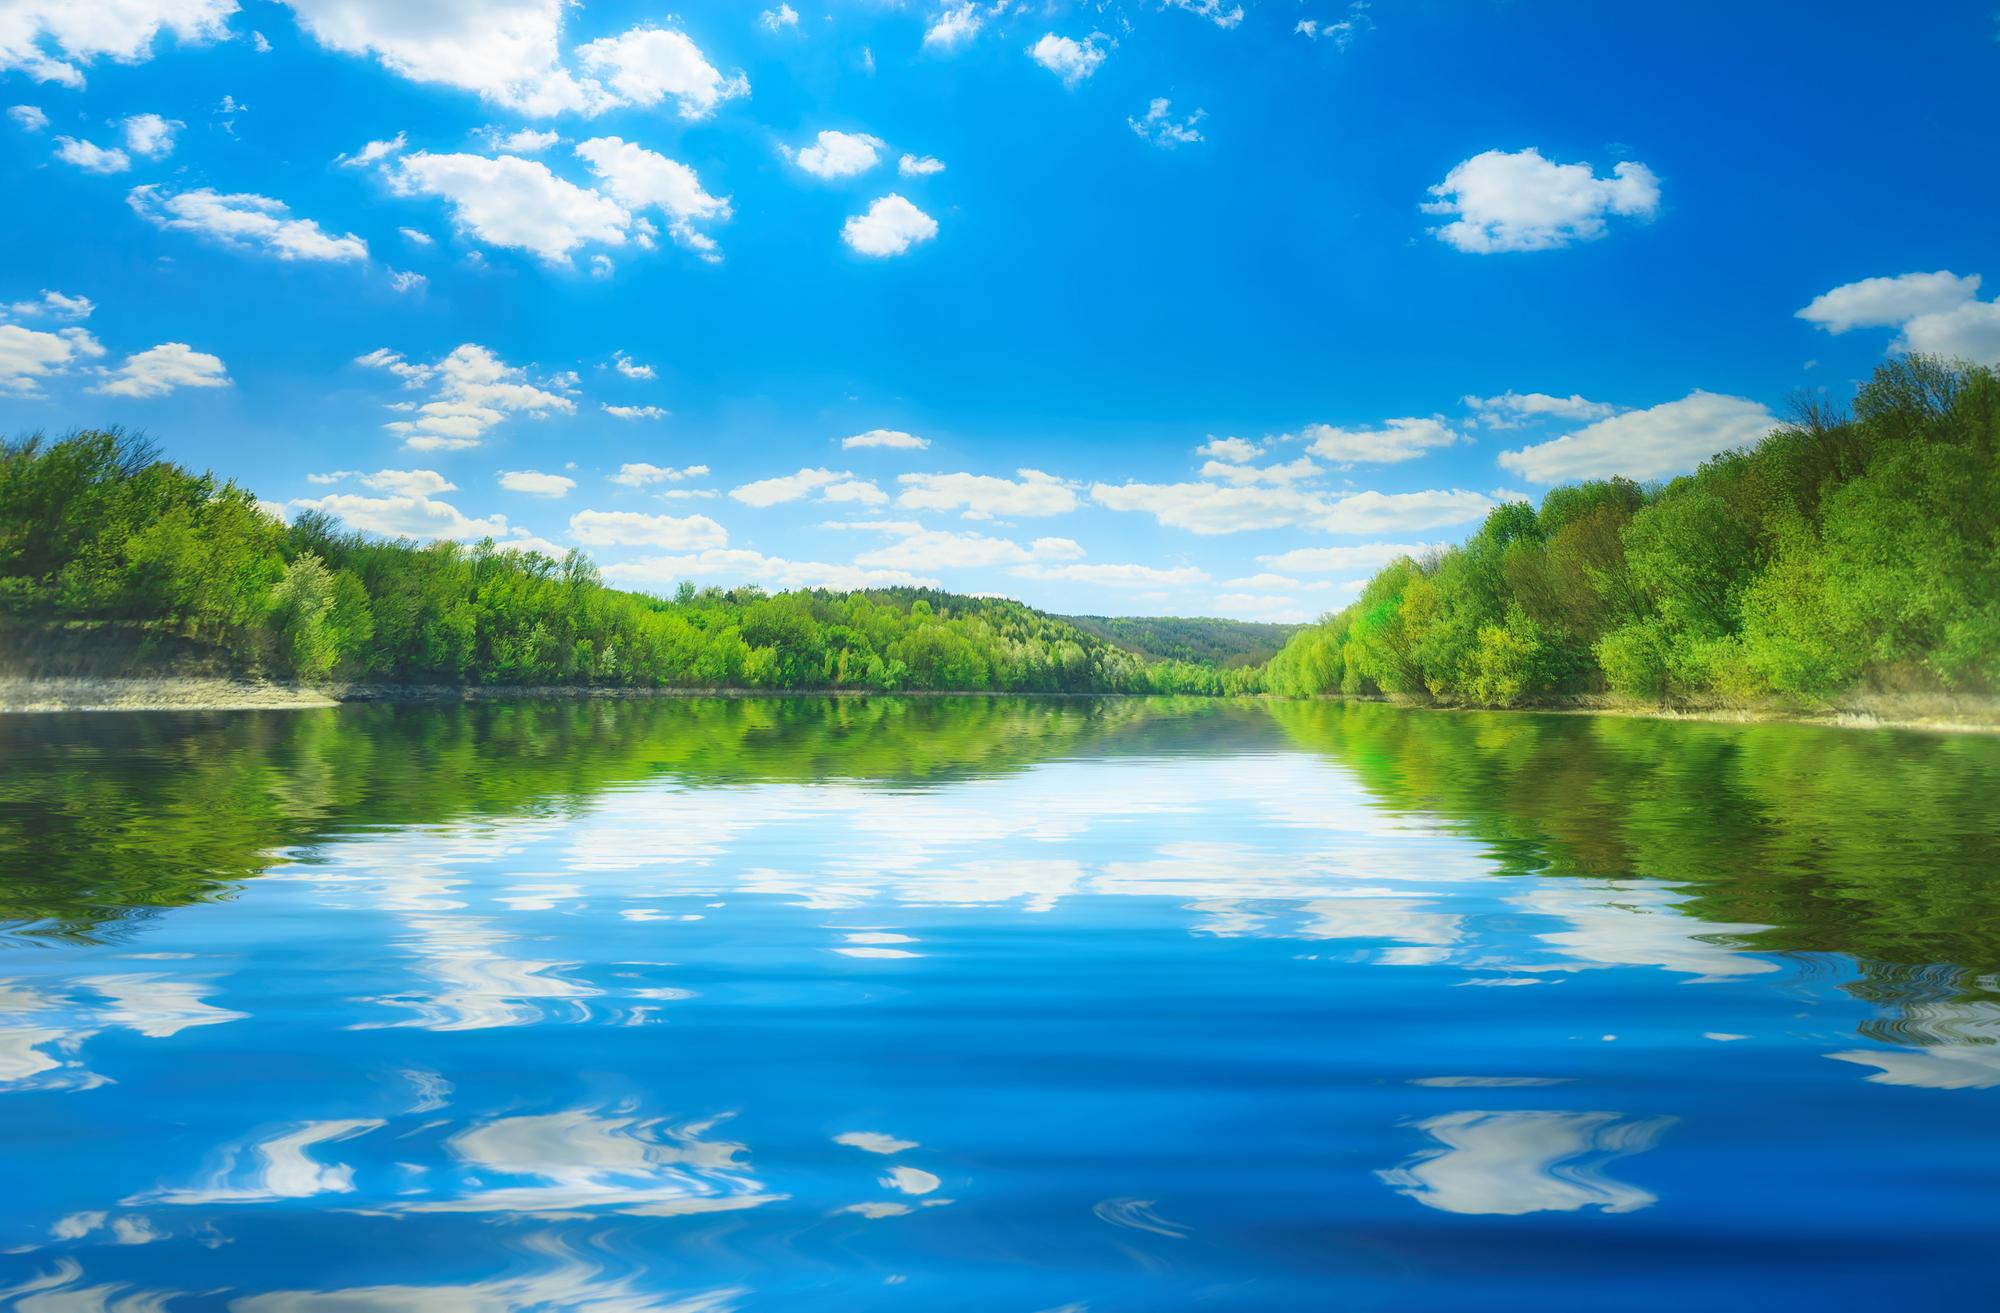 Окунуться в лето: ТОП-8 озер, в которых можно безопасно искупаться на Закарпатье